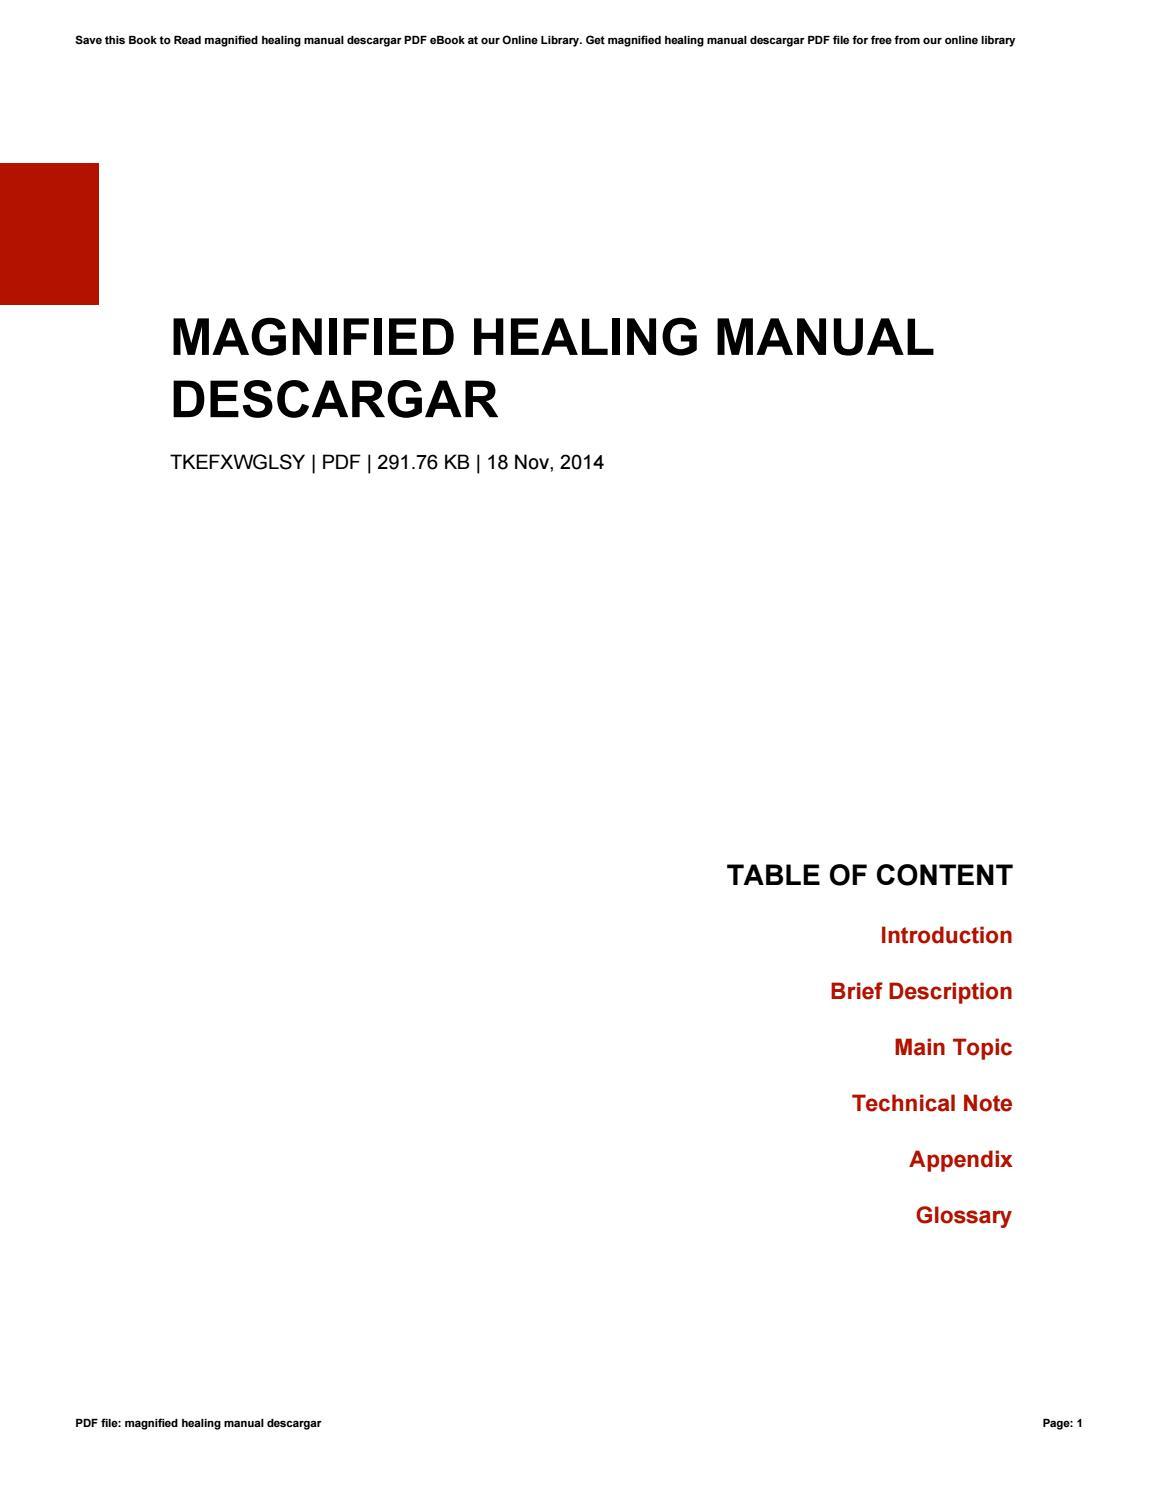 Magnified healing manual descargar by SherylFleming2039